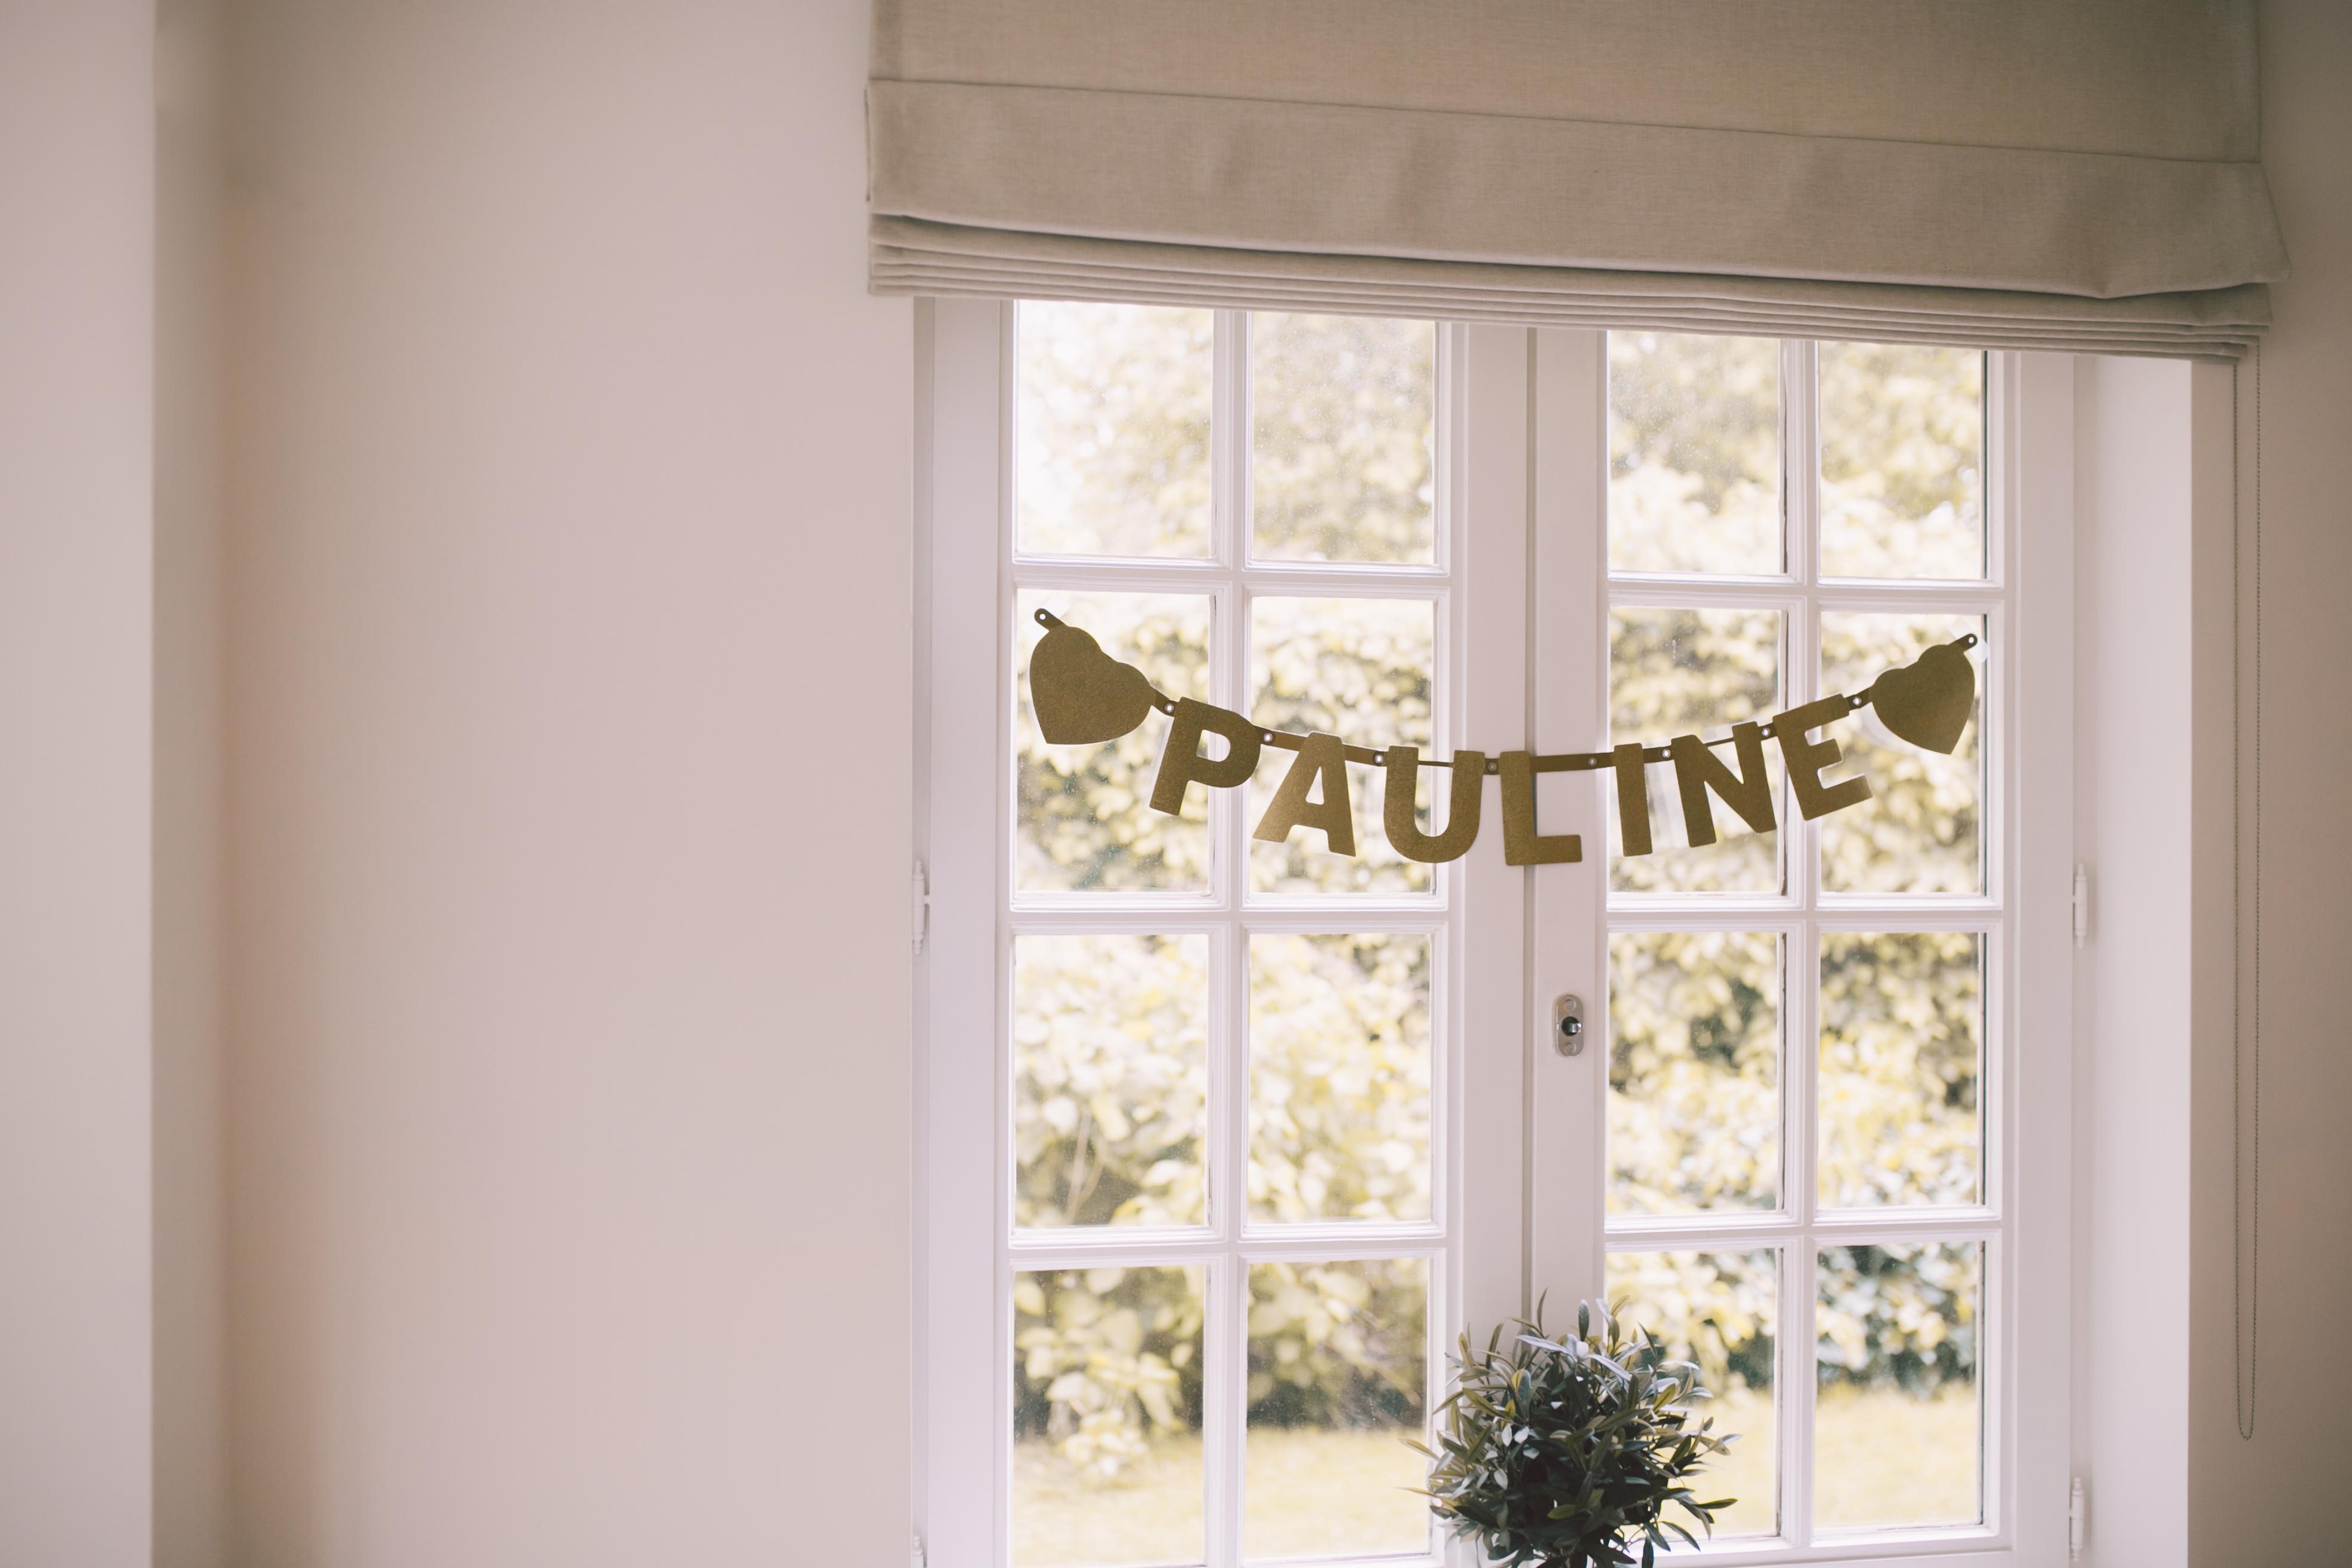 Pauline-0499